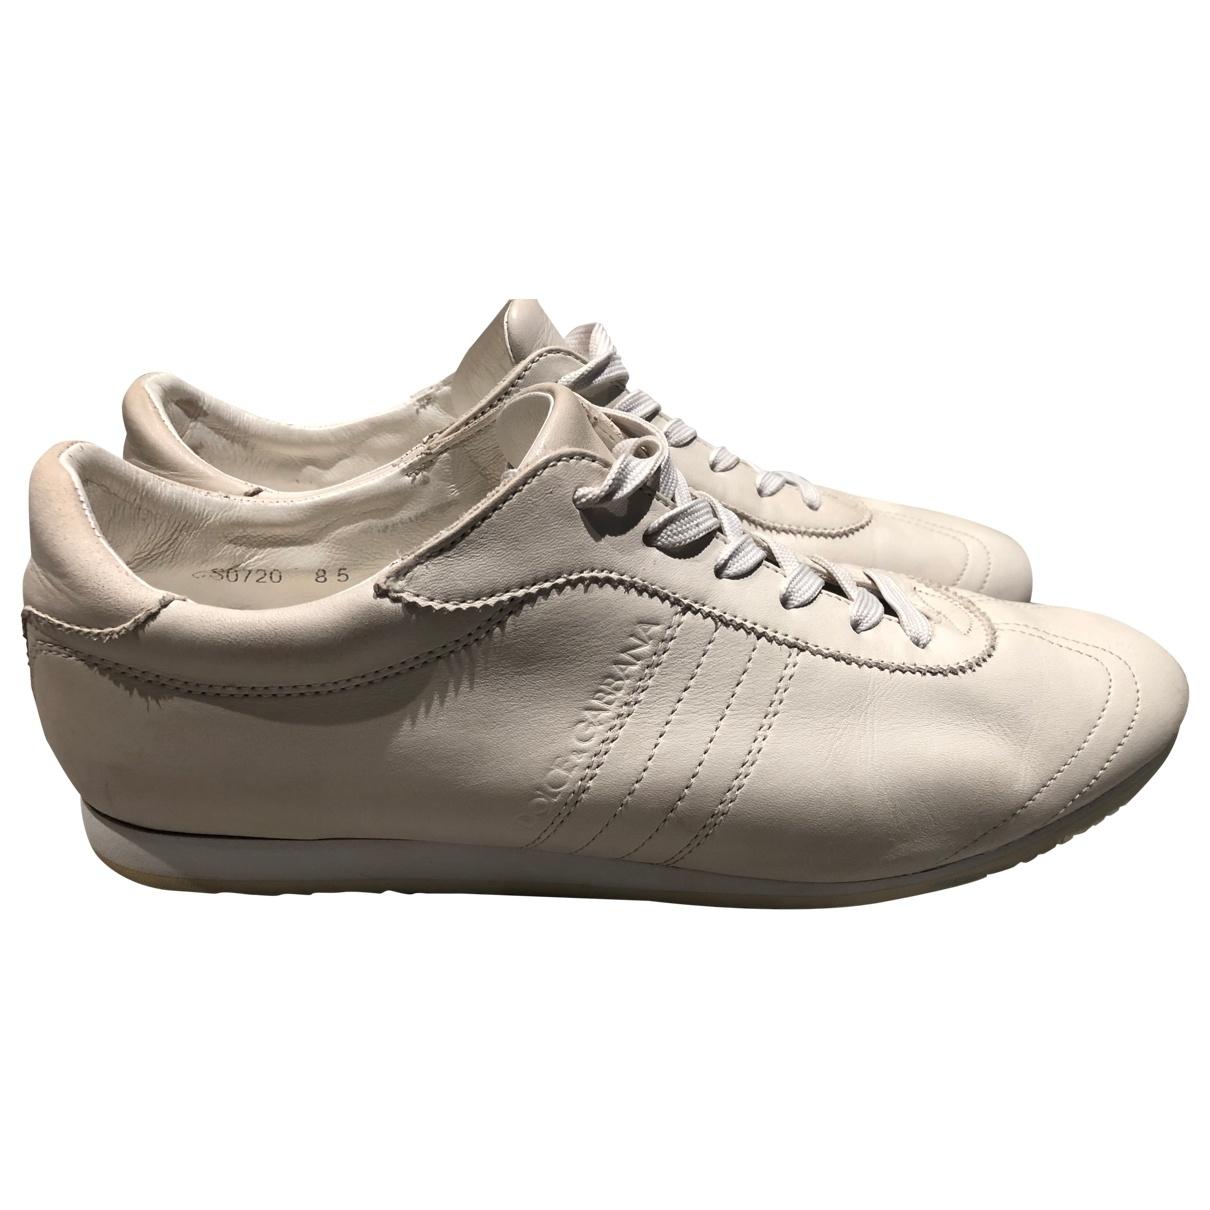 Dolce & Gabbana - Baskets   pour homme en cuir - blanc